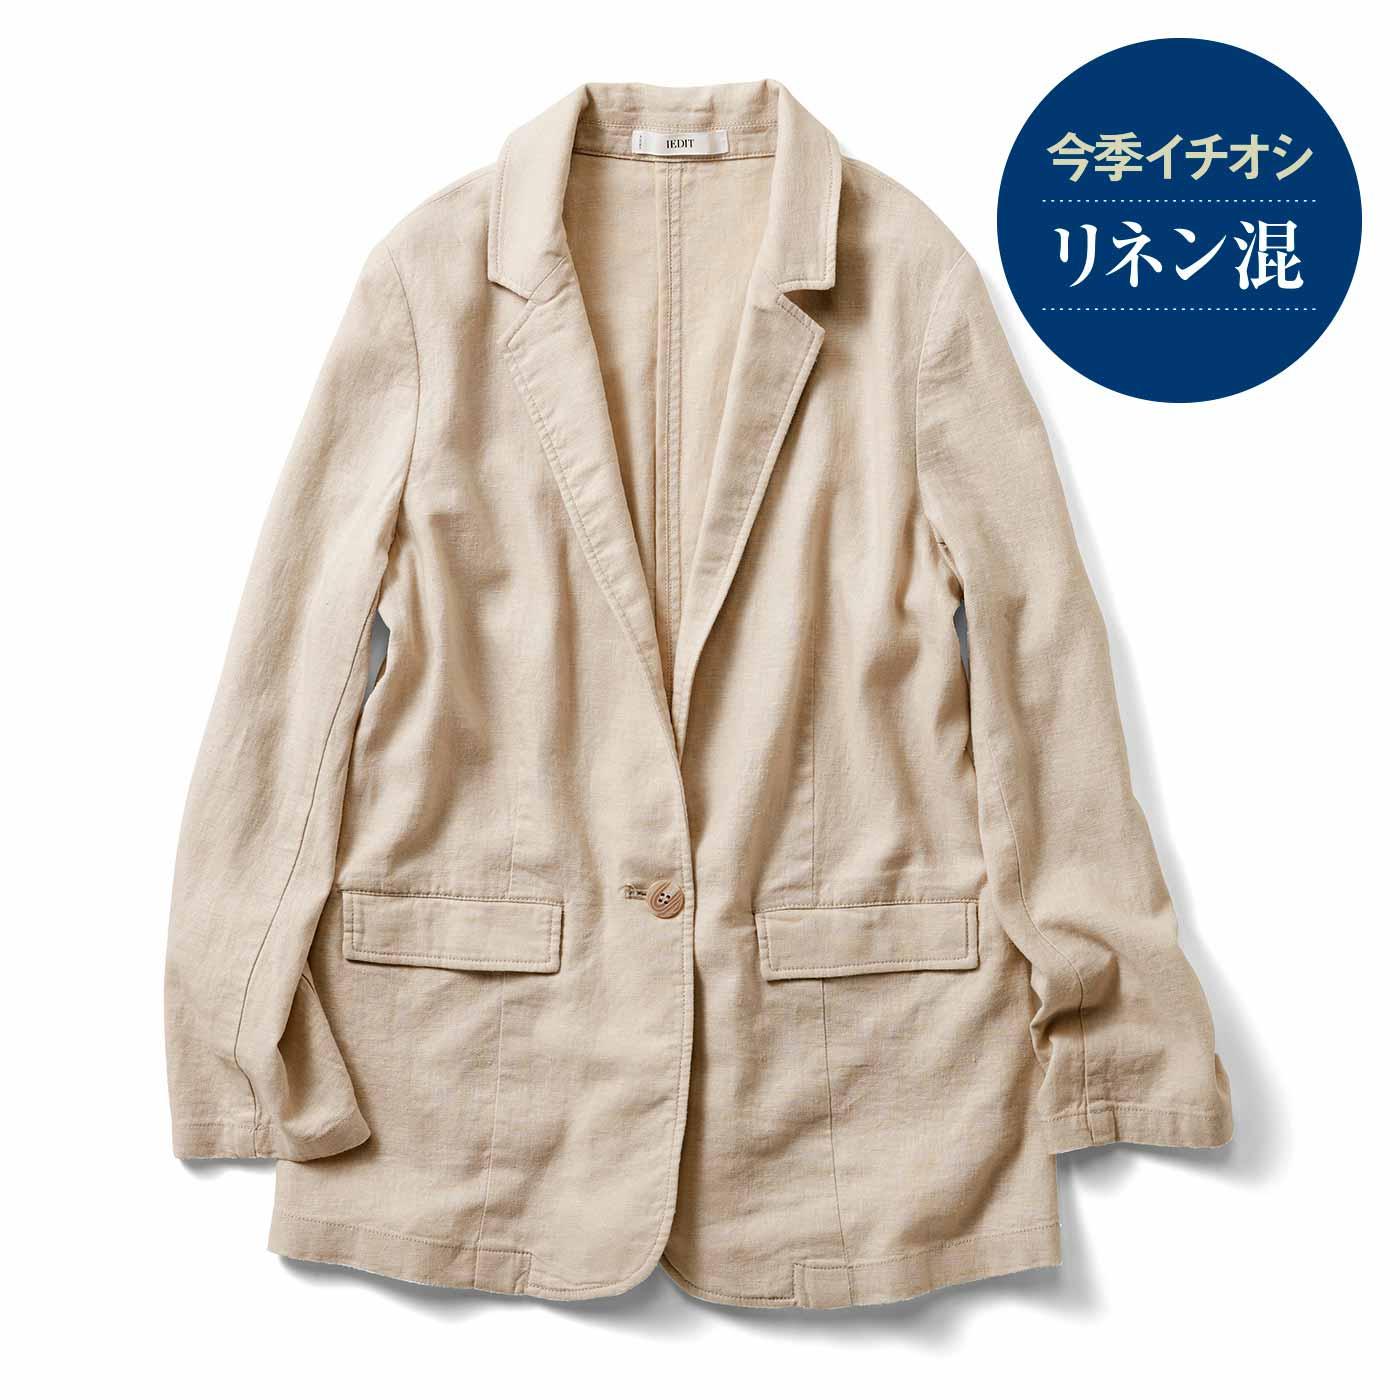 リネンすっきりジャケット〈ベージュ〉IE